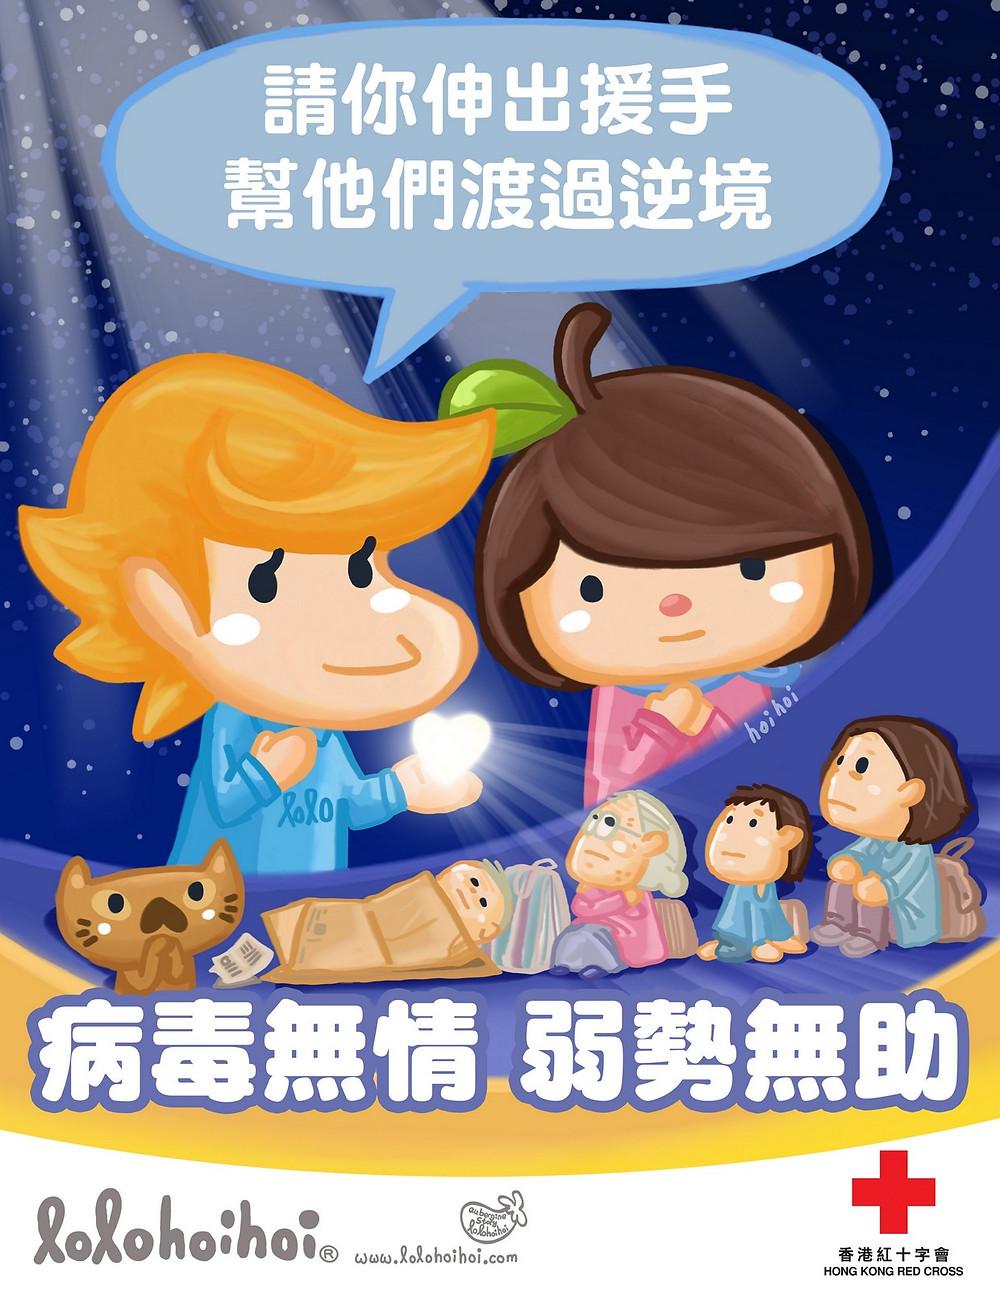 香港加油 lolo 正為香港紅十字會宣傳, 希望大家伸出援手, 幫助社會上的弱勢社群。